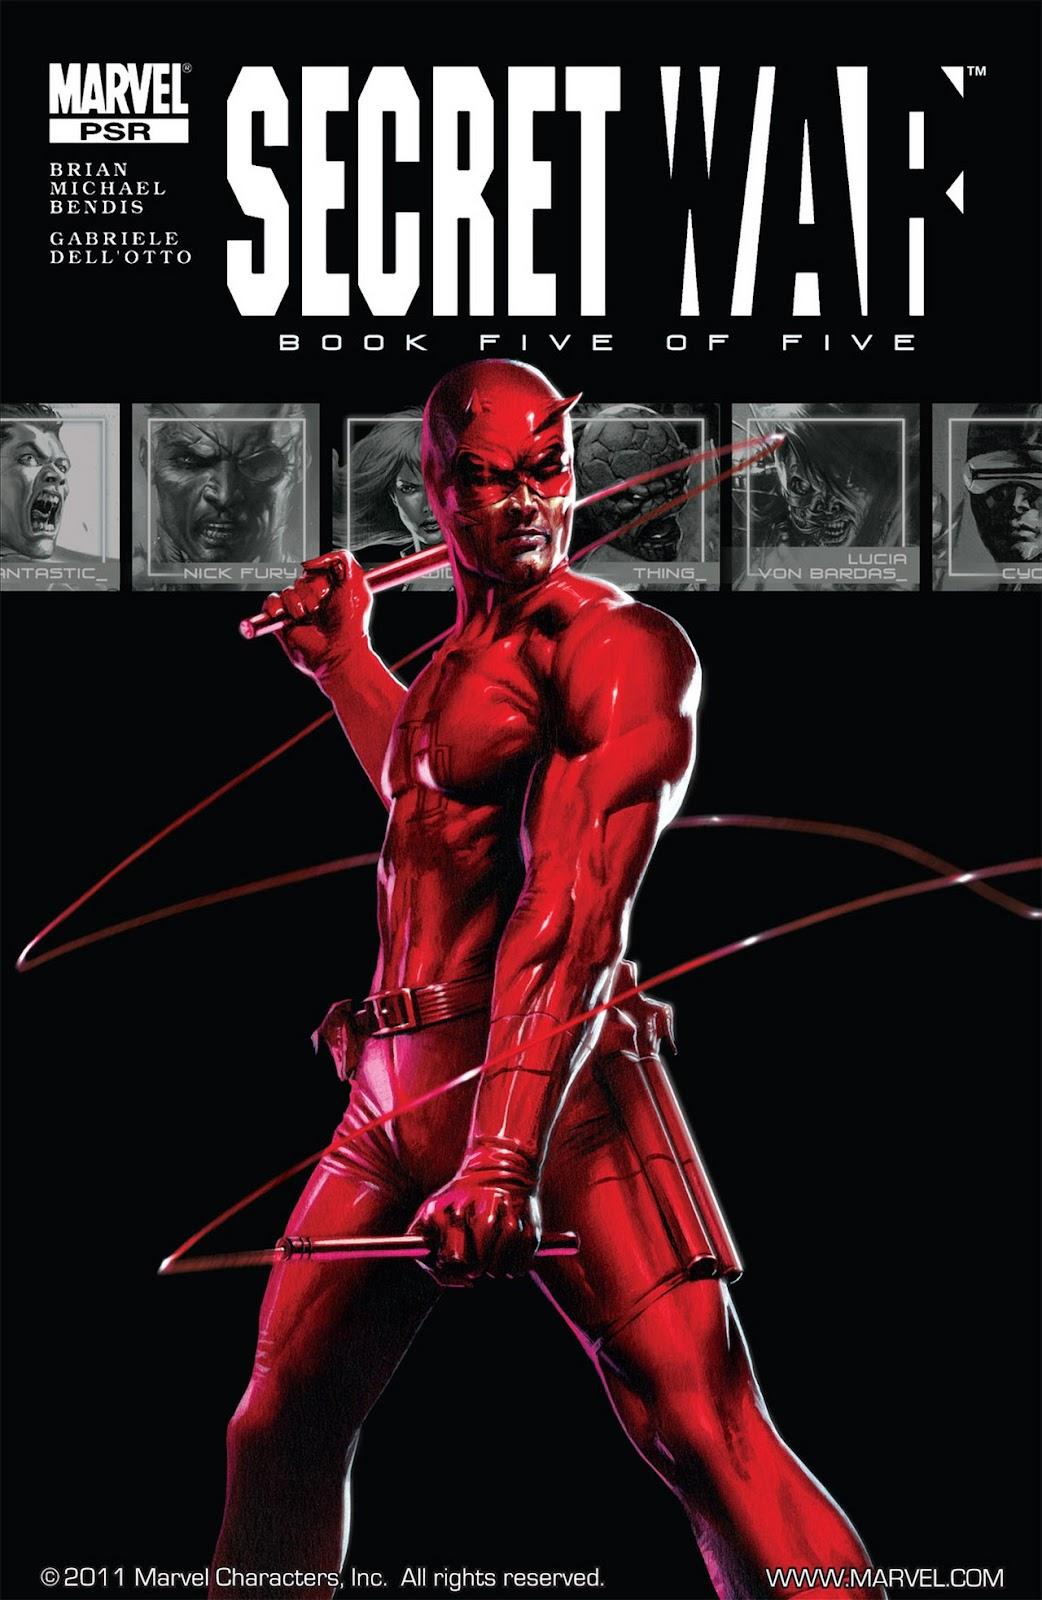 Read online Secret War comic -  Issue #5 - 1